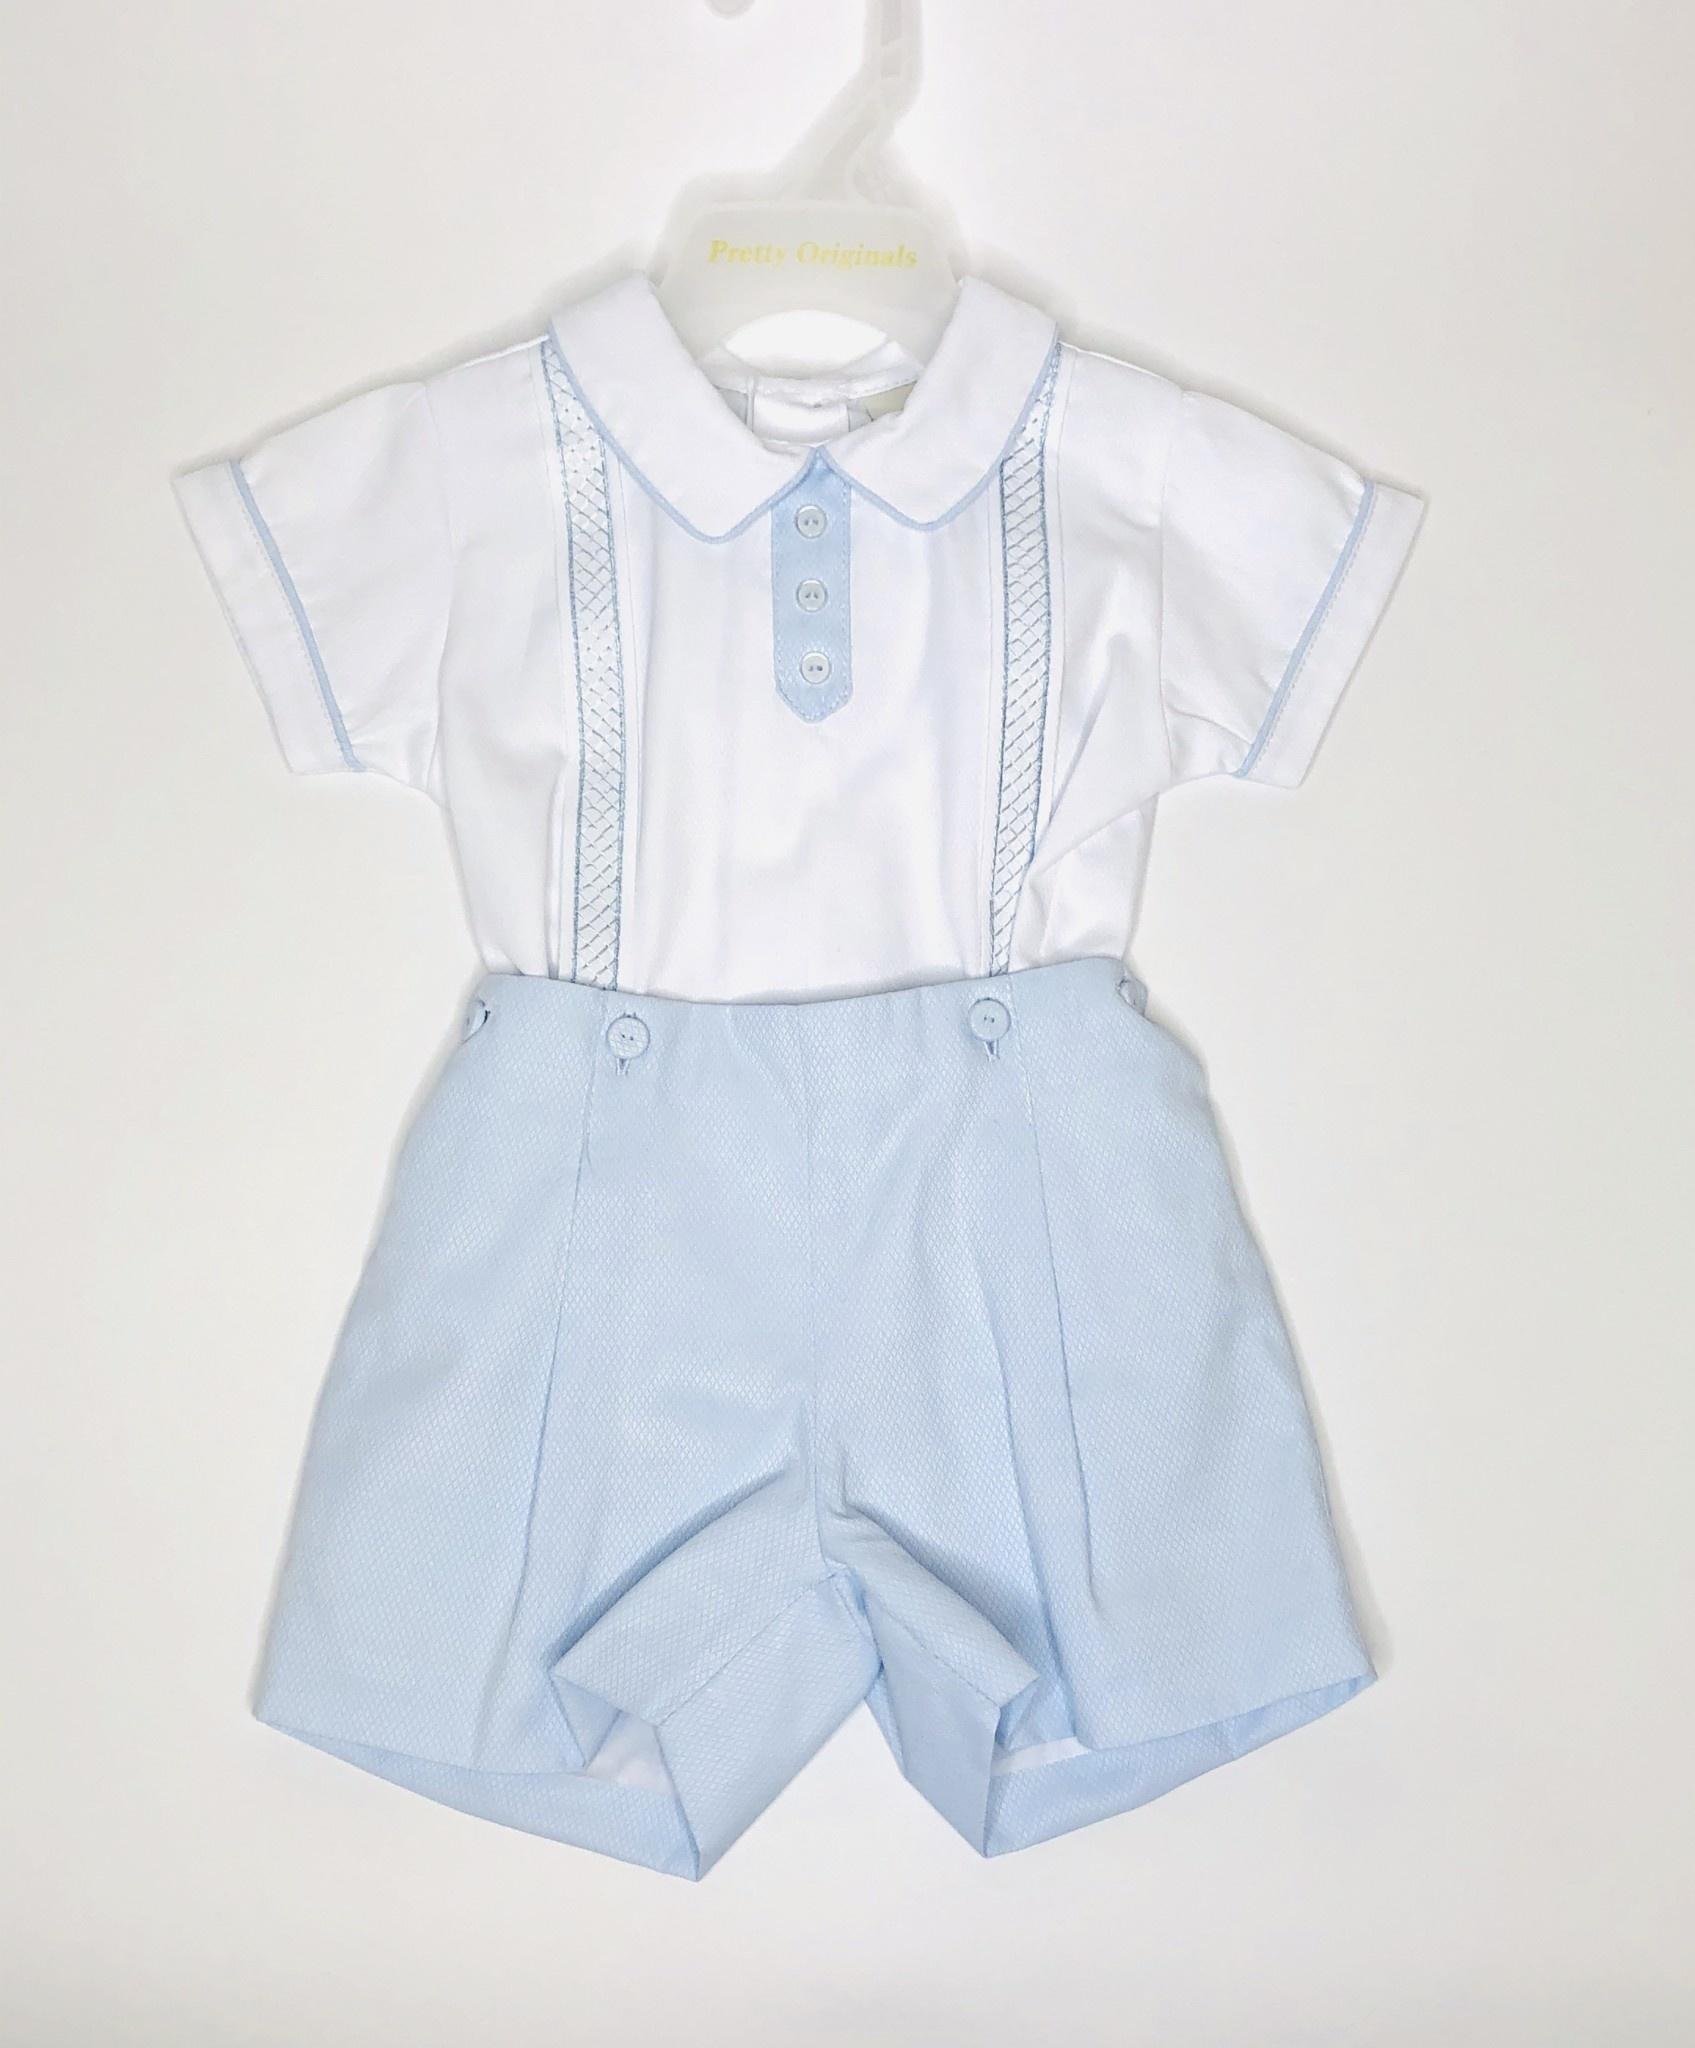 Pretty Originals Pretty Originals DL08063E Boys Blue/White short & Top